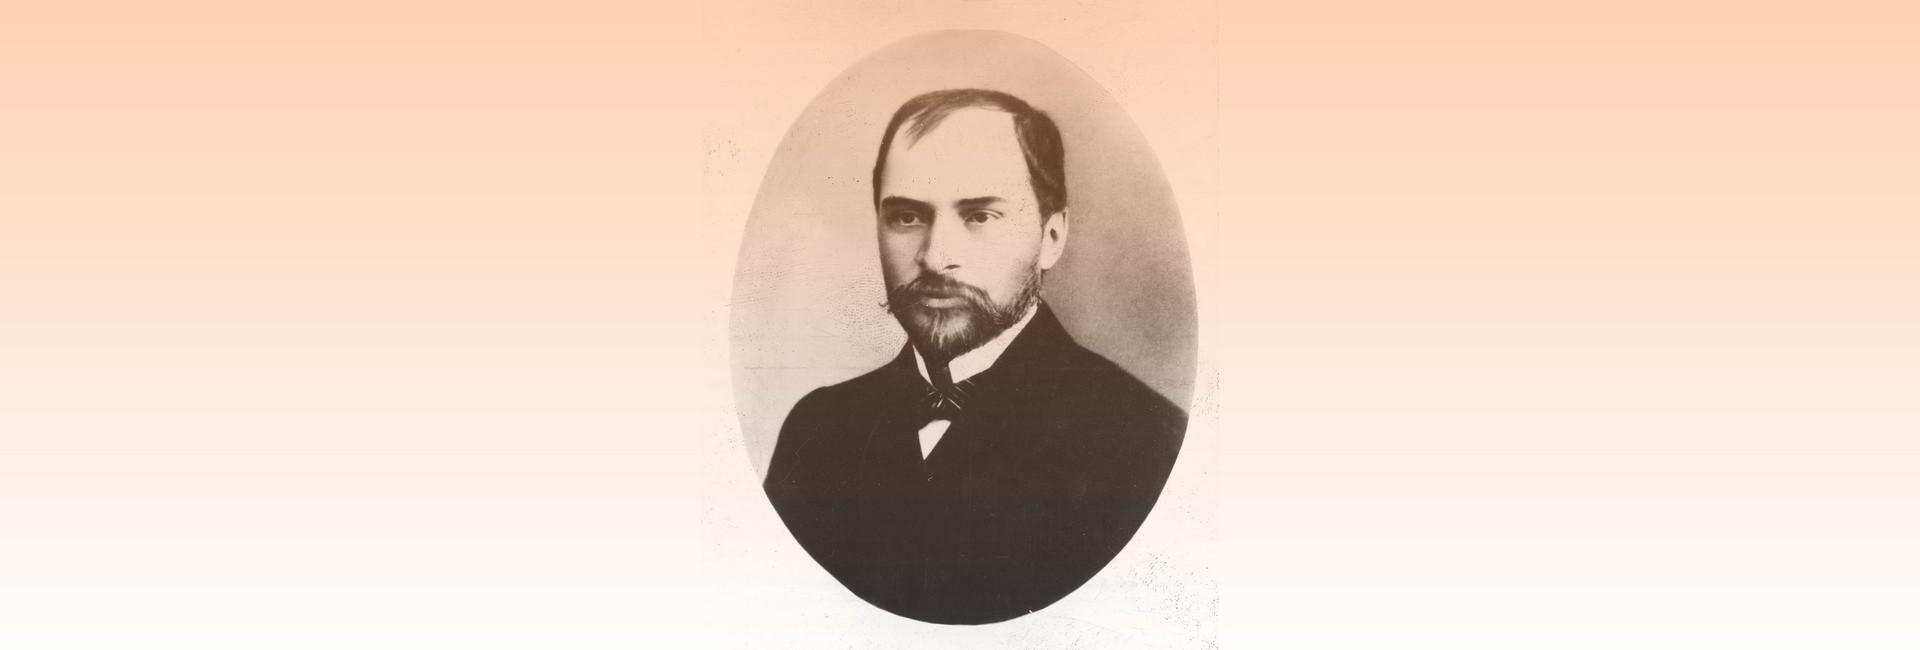 poezie românească serie de autor George Coşbuc Balade şi Idile Logică slider